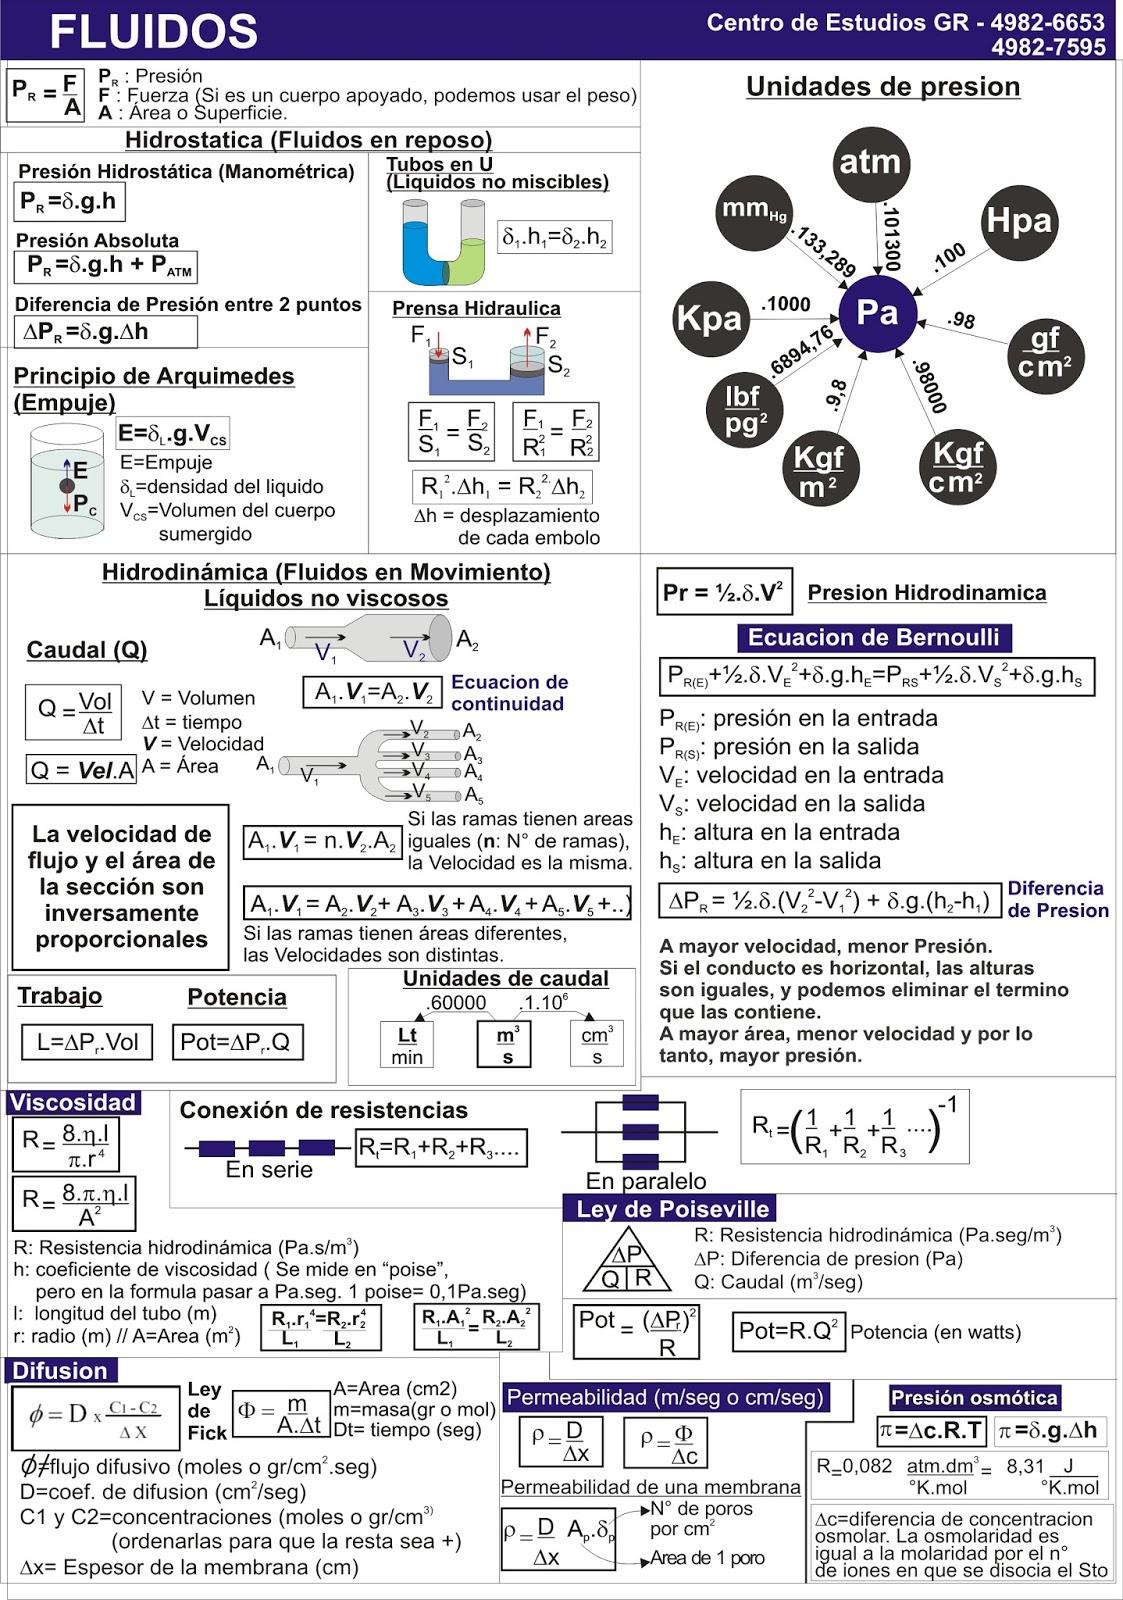 Biofisica - Quimica - Matemática - CBC: Hojas de formulas para los ...